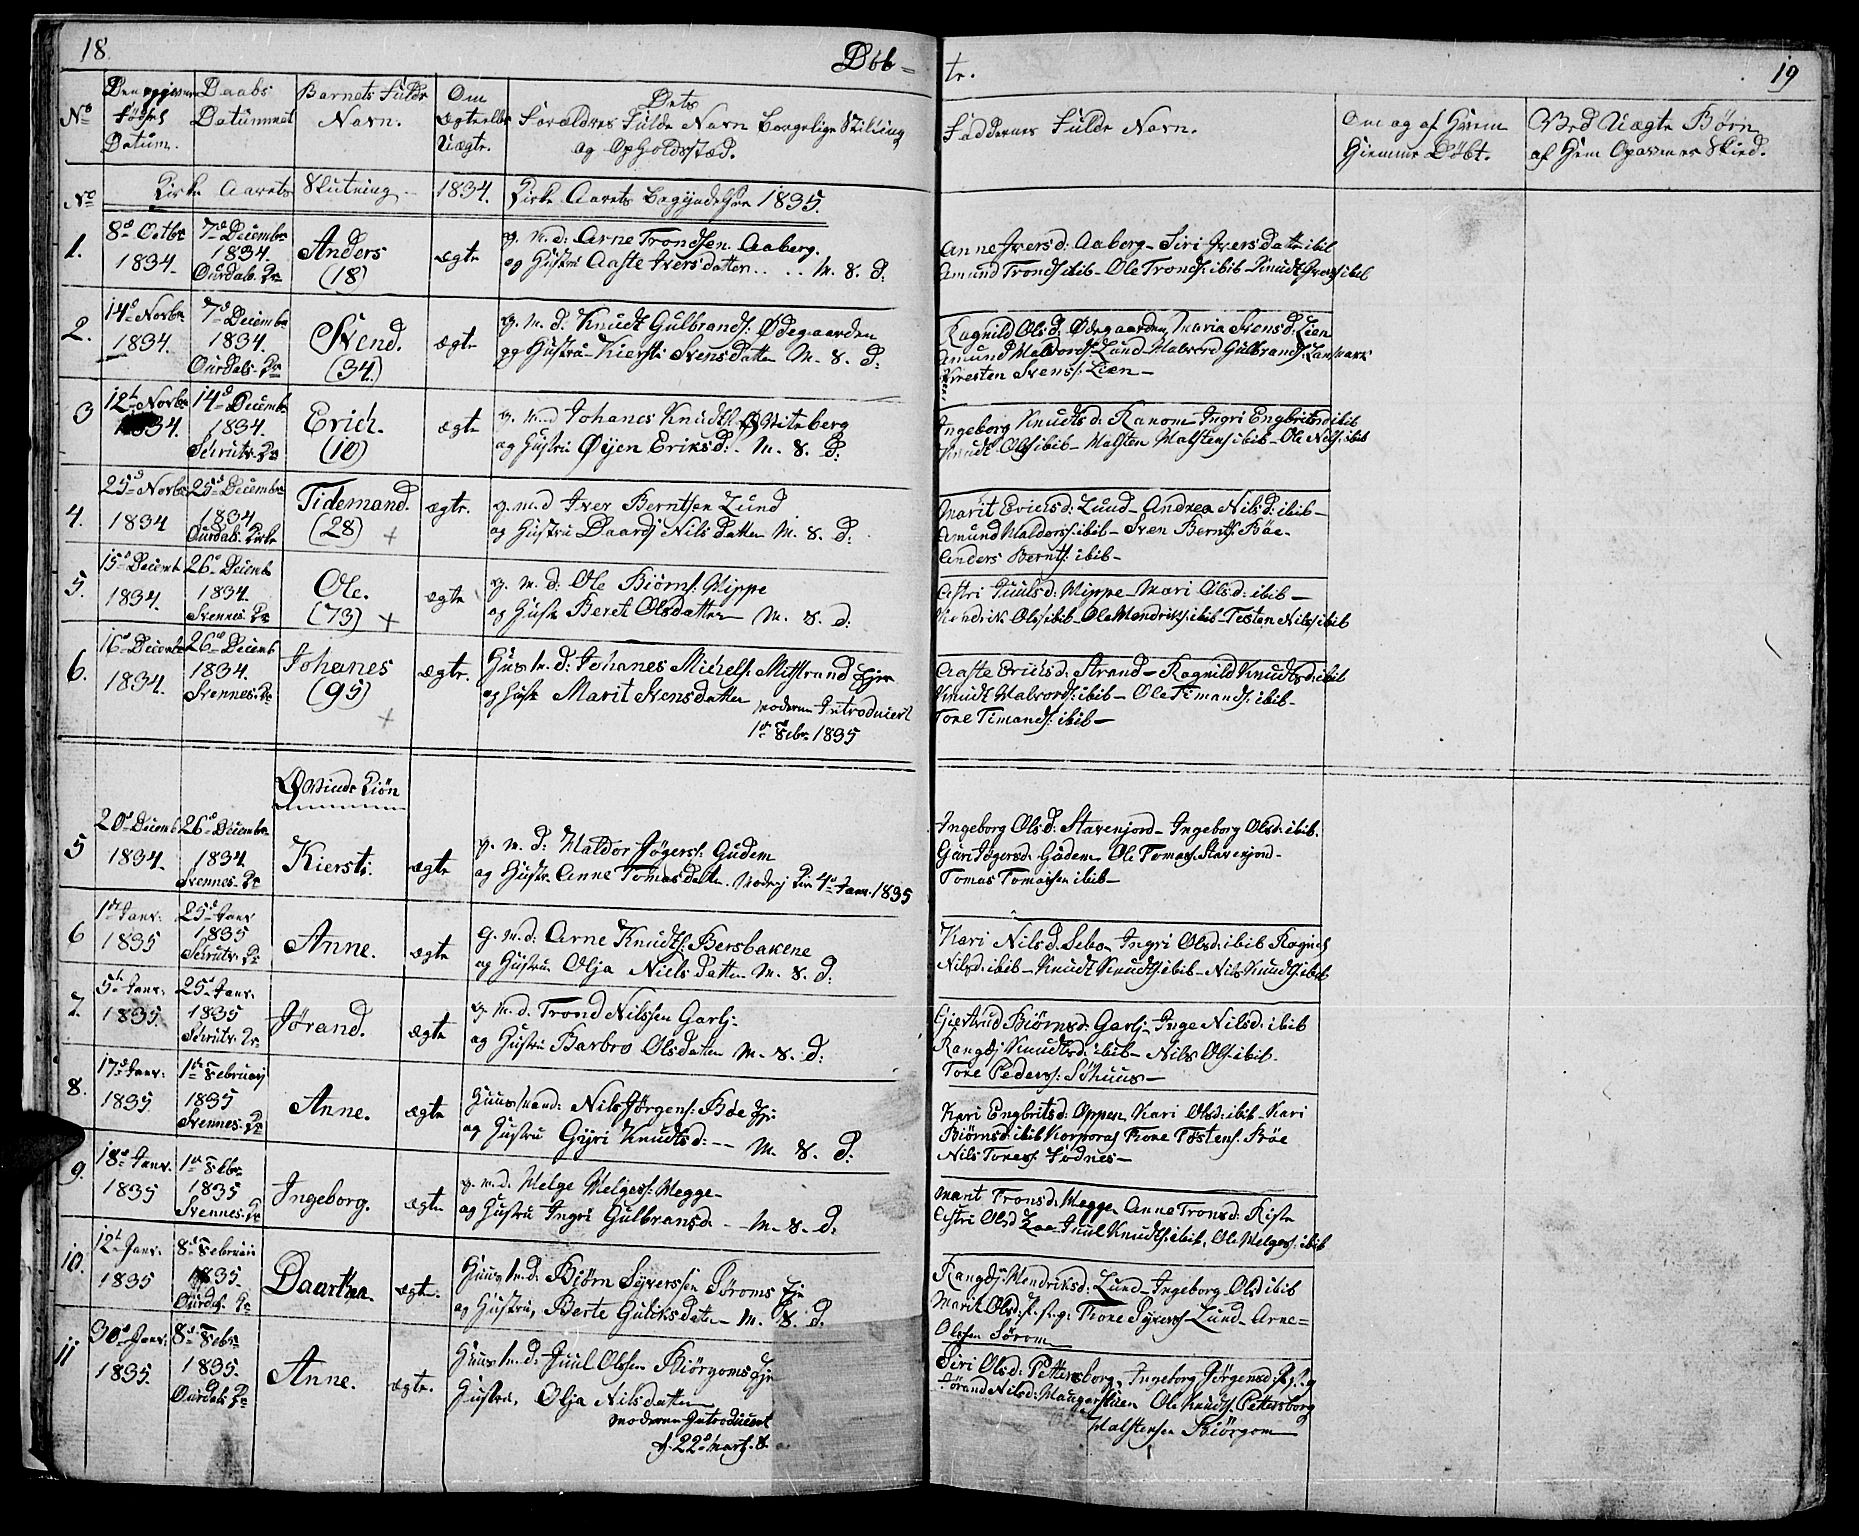 SAH, Nord-Aurdal prestekontor, Klokkerbok nr. 1, 1834-1887, s. 18-19